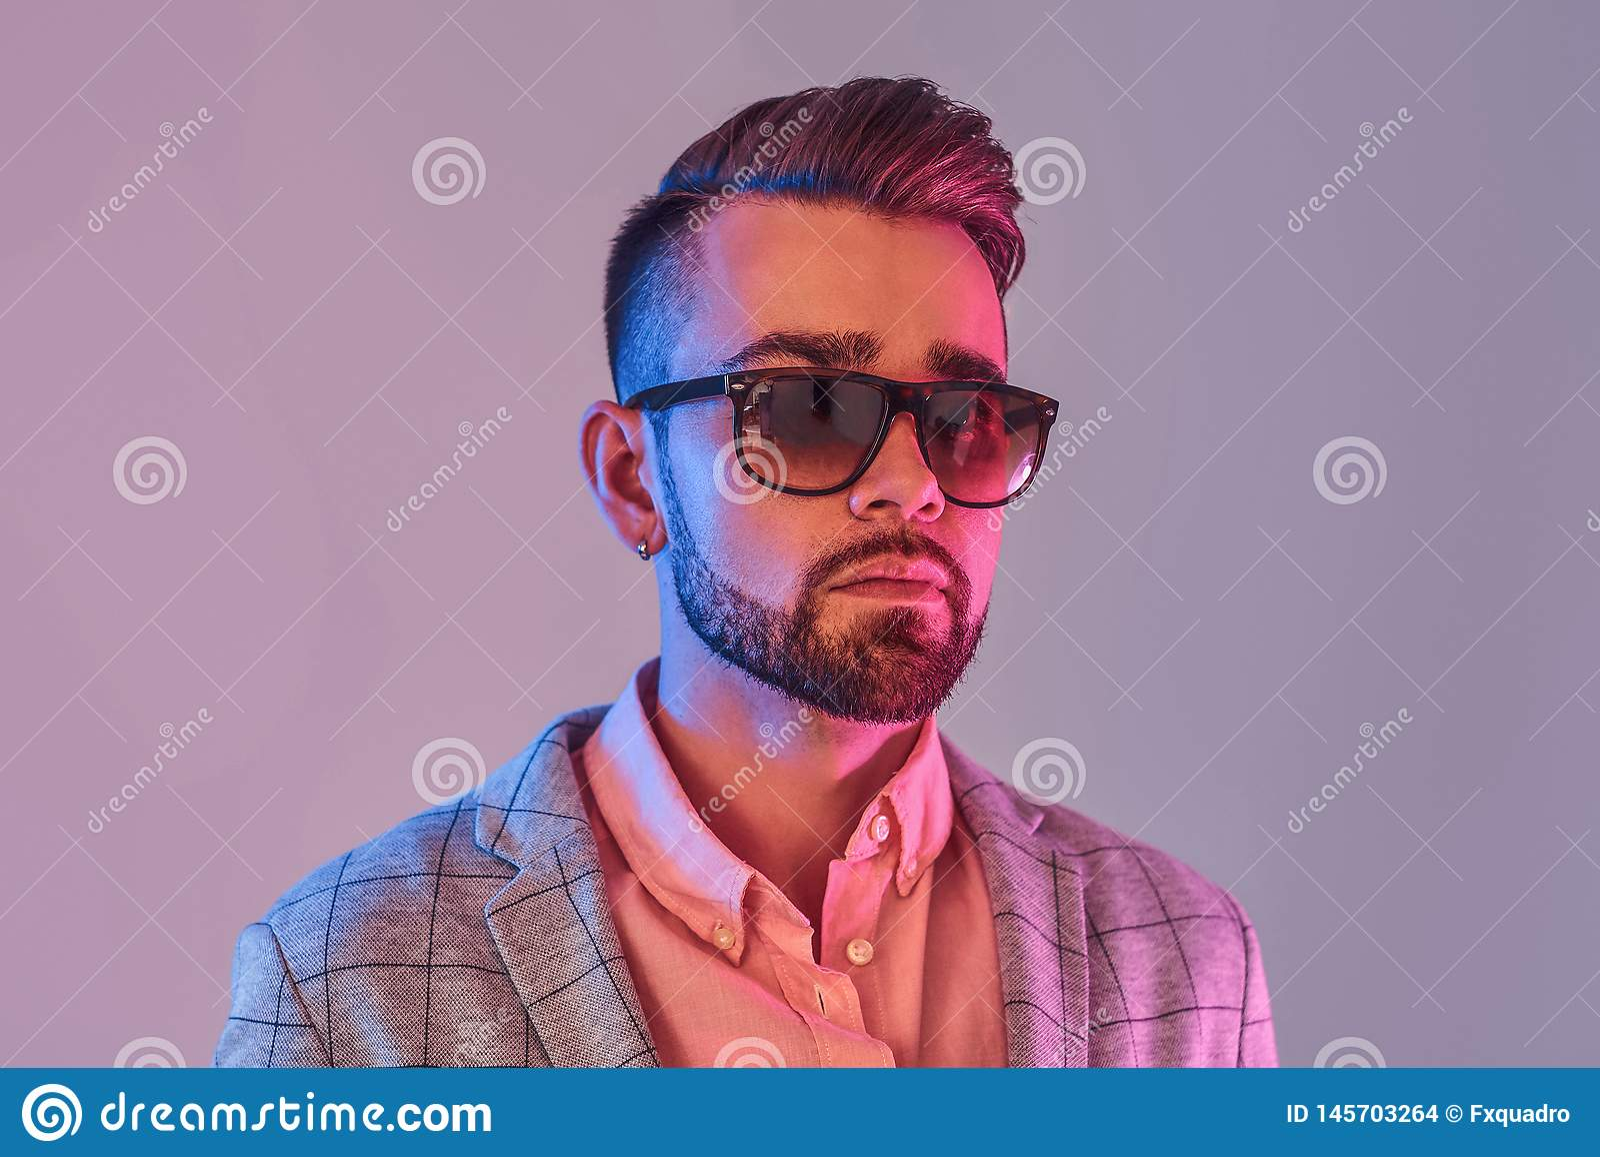 St?ende av den attraktiva eftert?nksamma mannen i checkeretblazer och solglas?gon